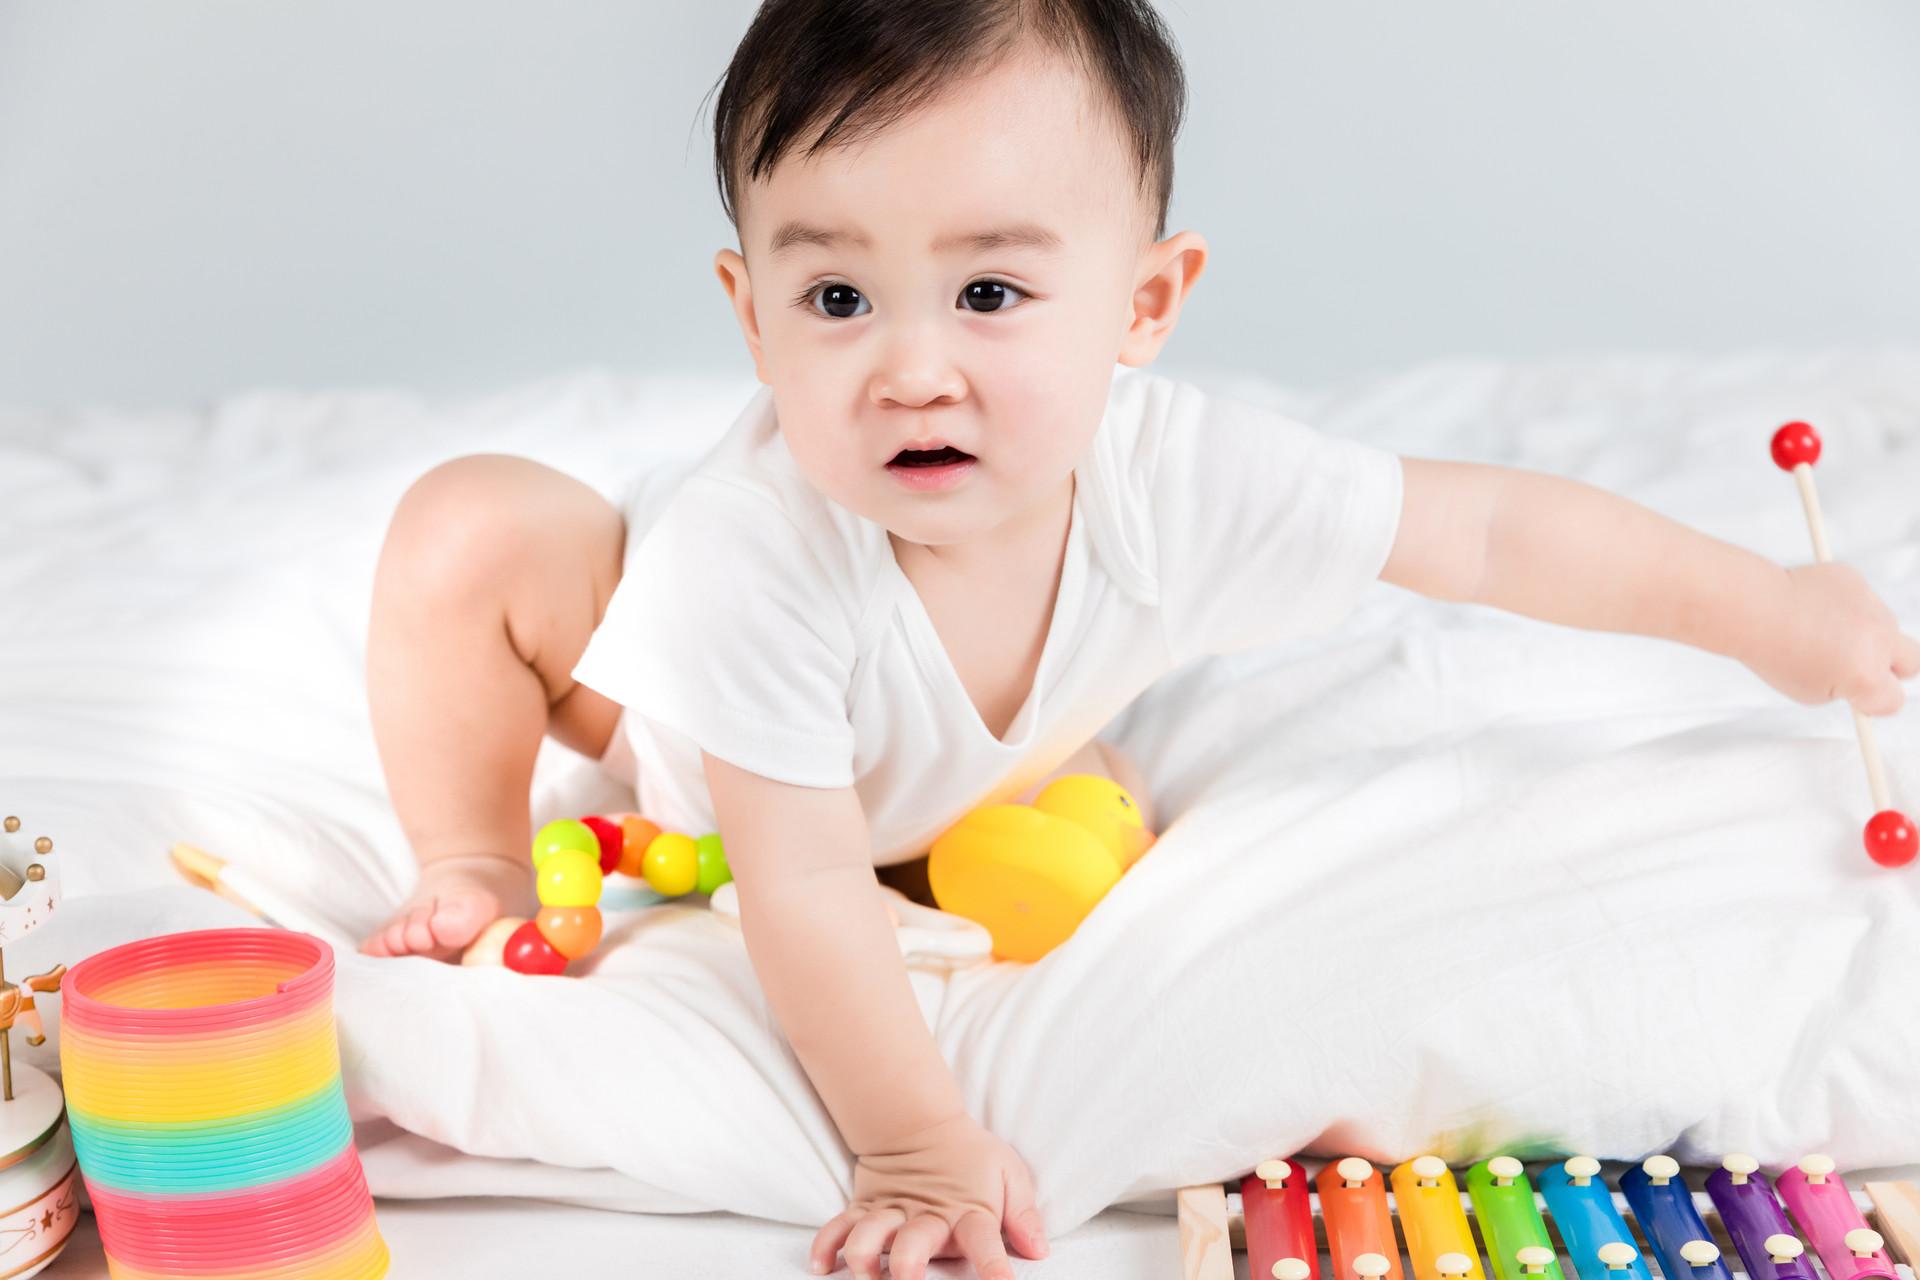 宝宝用安抚奶嘴有什么危害?如何正确使用安抚奶嘴?